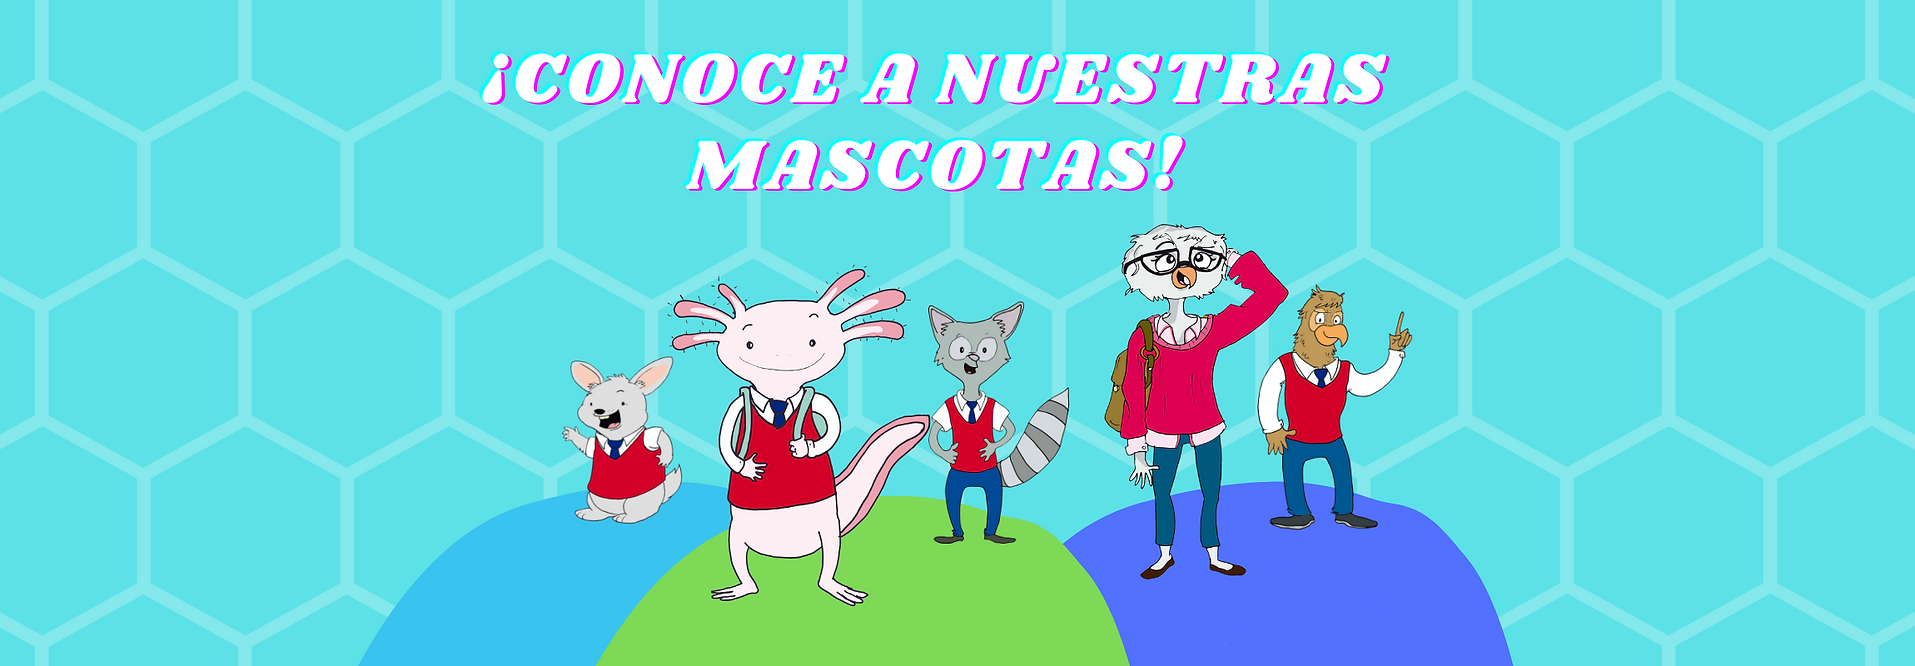 CONOCE A NESTRAS MASCOTAS